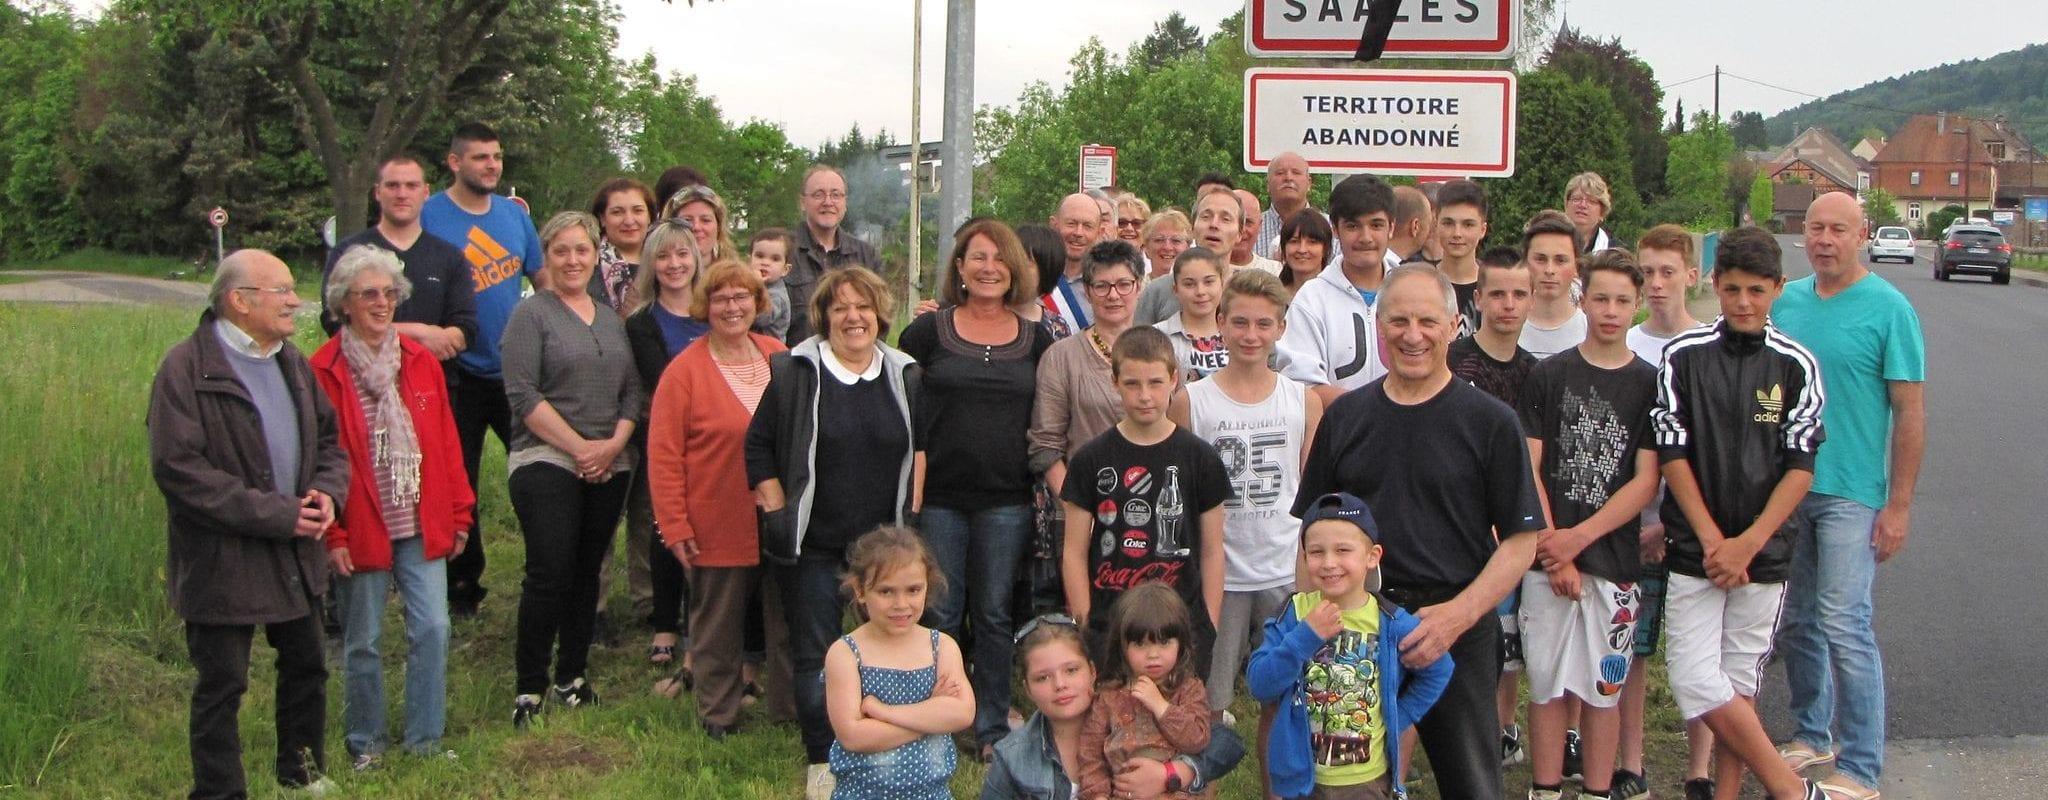 Jean Vogel, maire de Saâles: «notre commune est abandonnée»